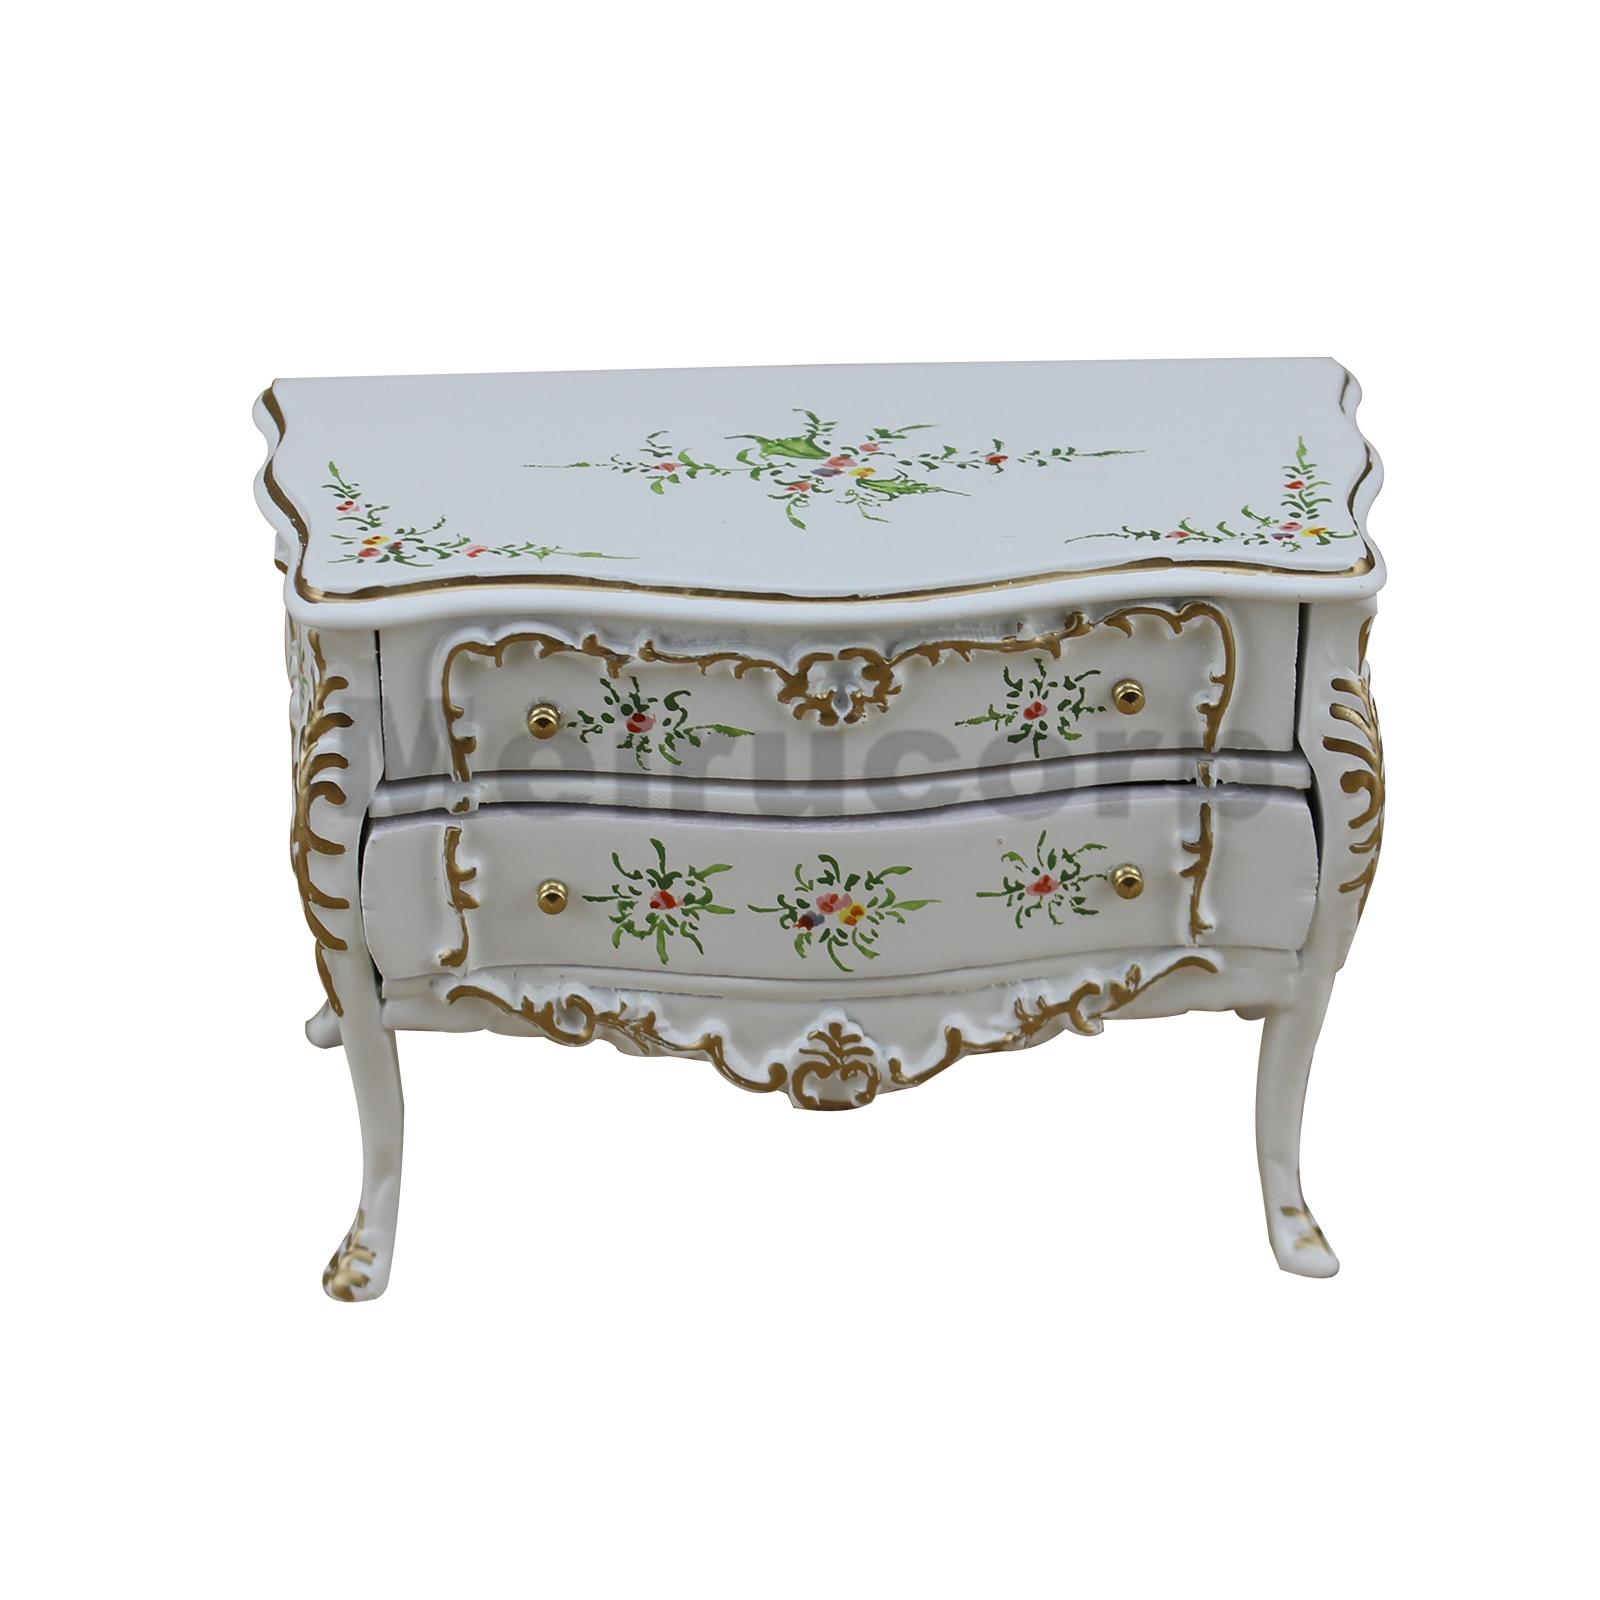 1/12 échelle meubles miniatures blanc deux couches/tiroir armoire sculpté à la main en bois